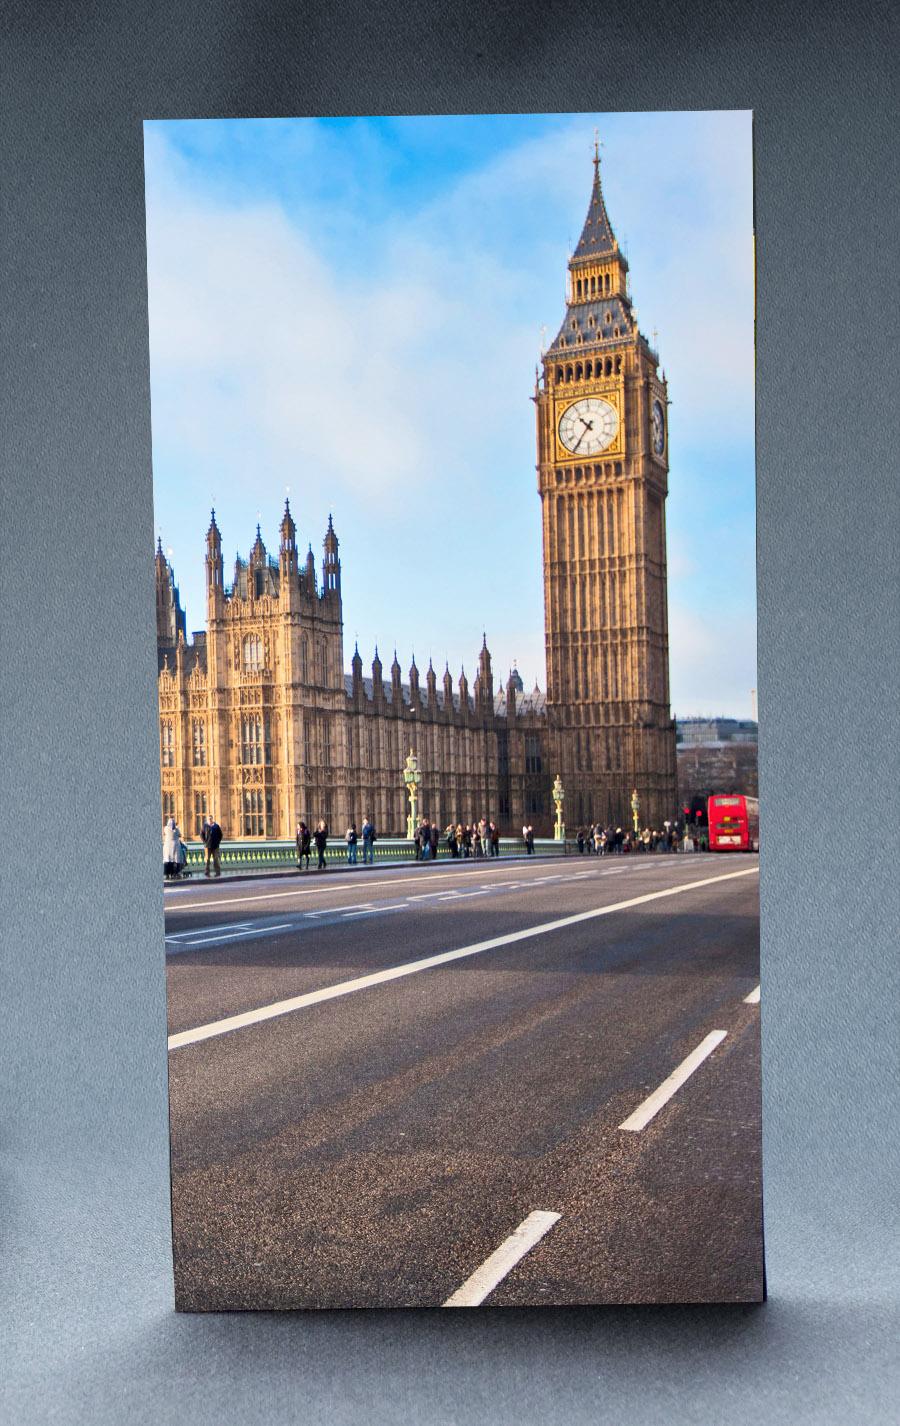 London Street 1:6 Scale Striking Backdrop